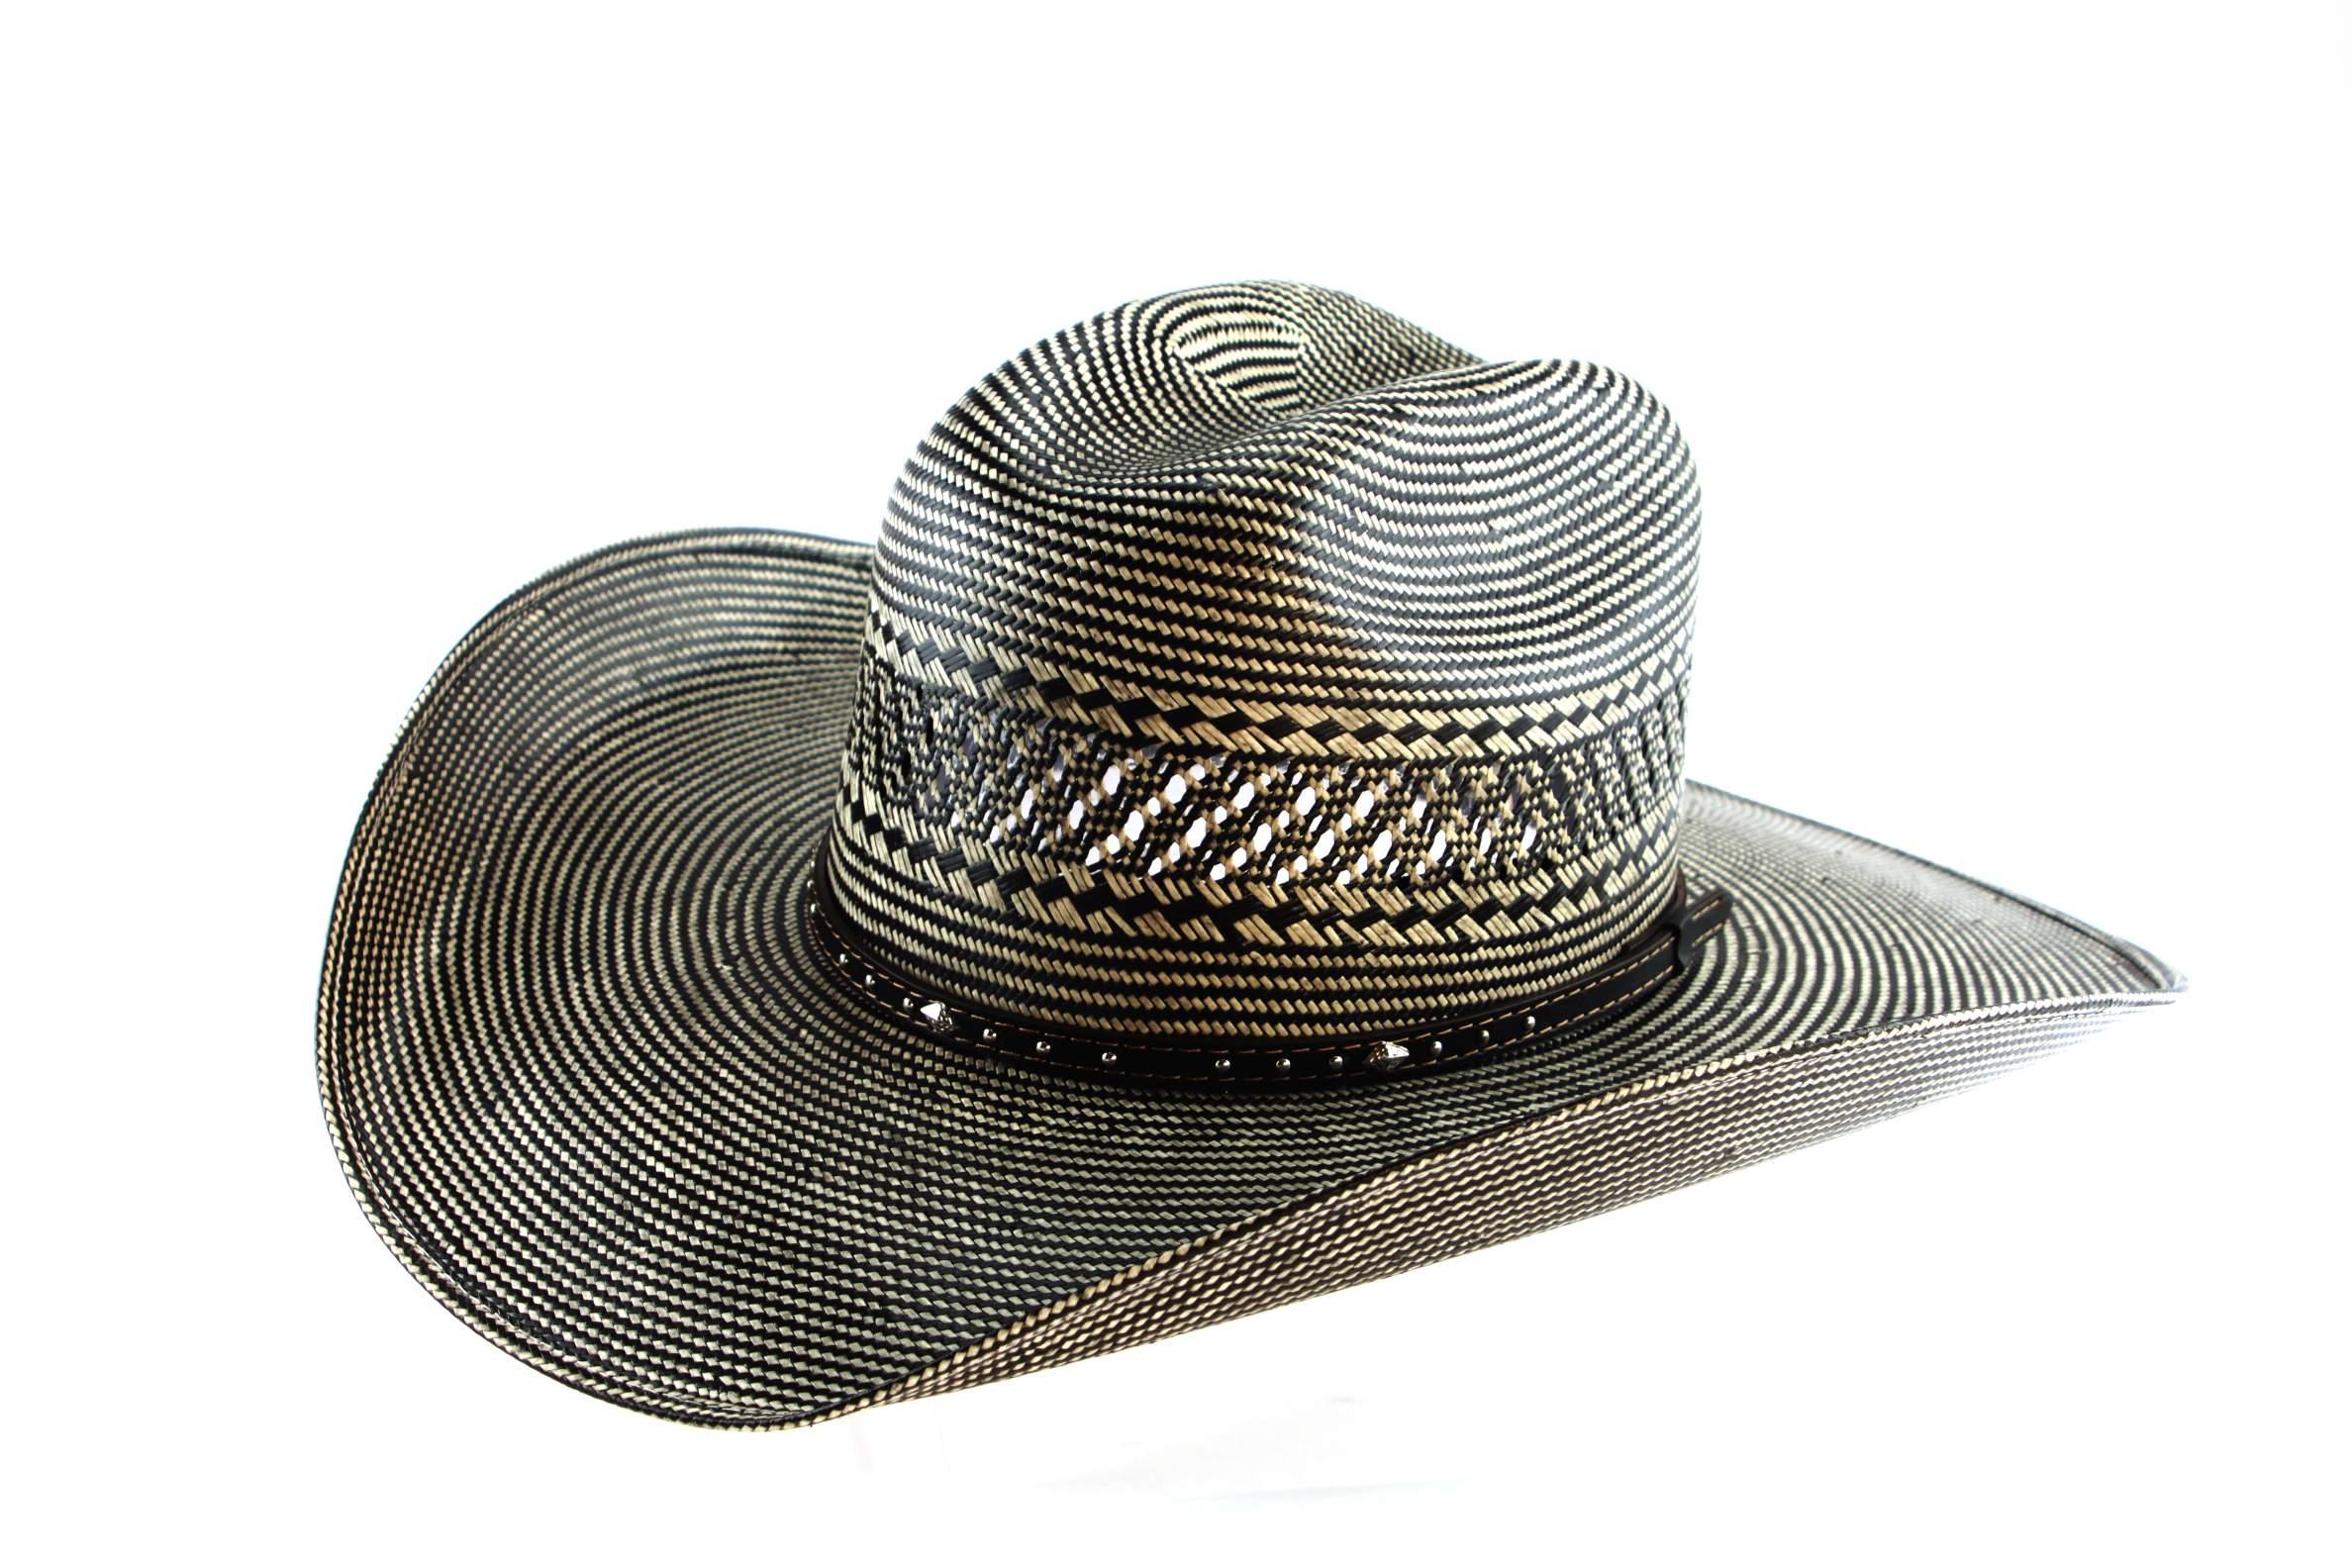 Tacchino | Cappelli | Stivali | Abbigliamento Western | Made